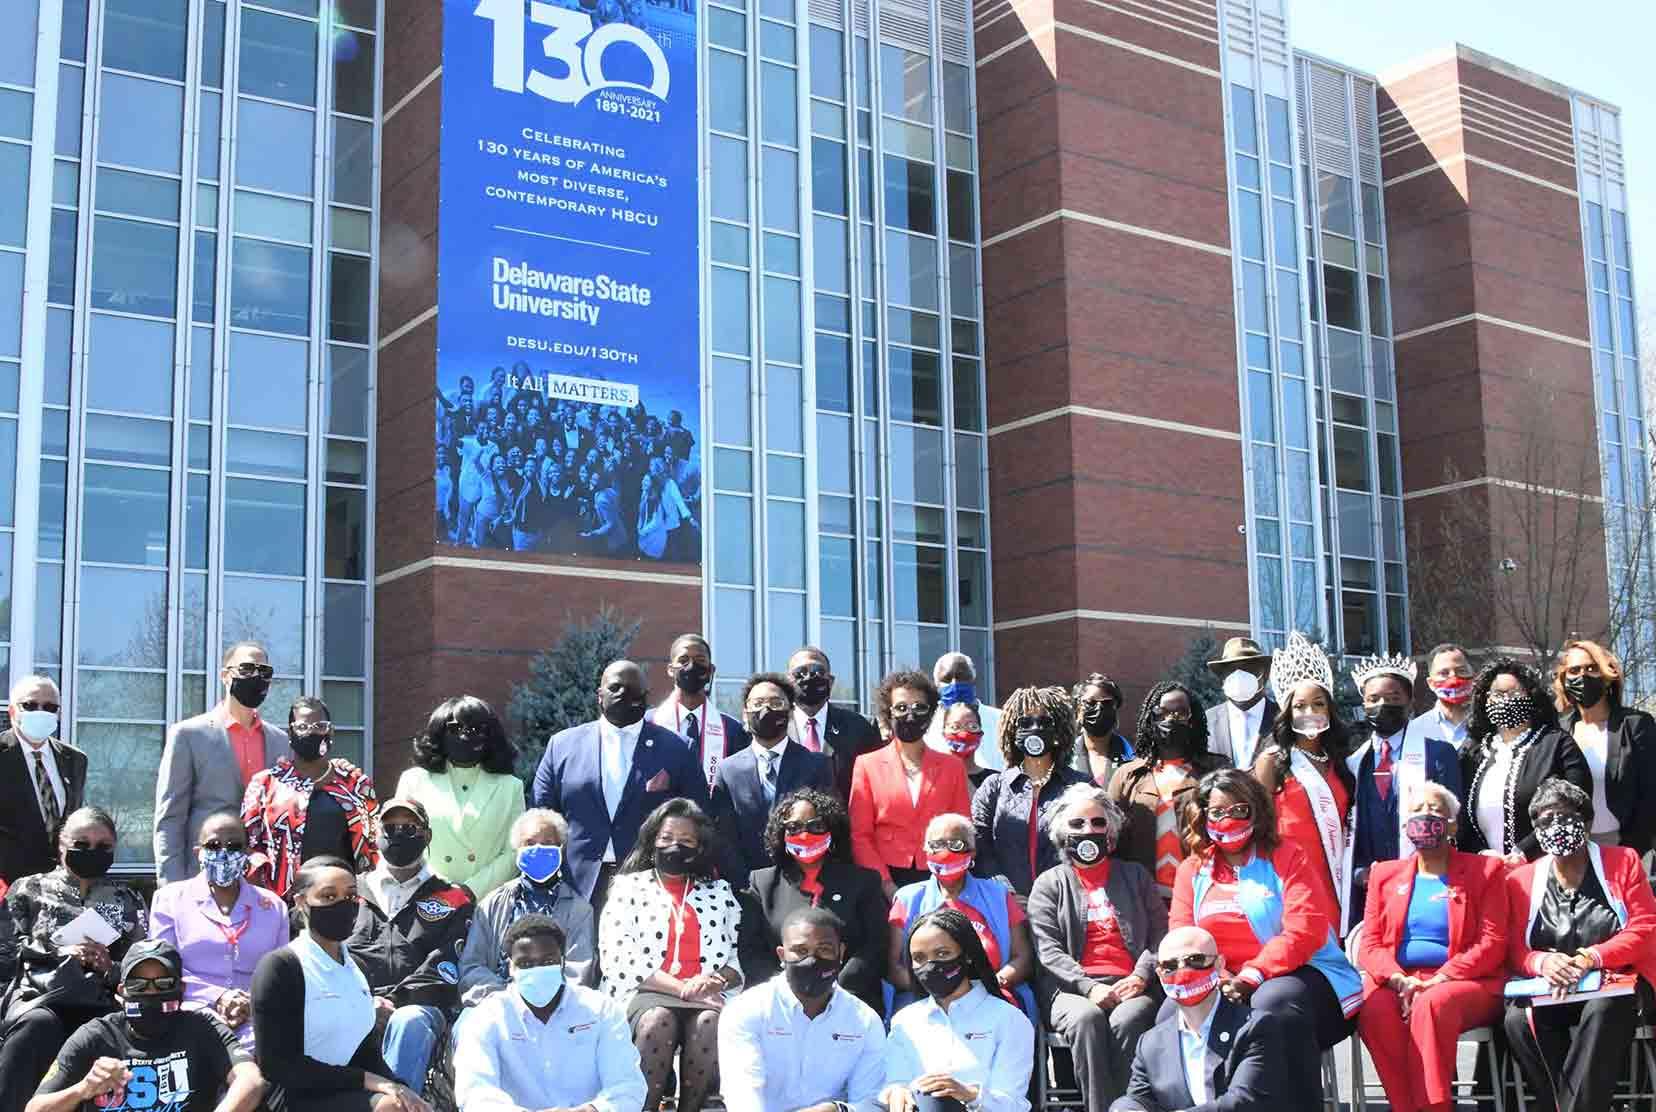 Del State celebrates 130th Anniversary banner